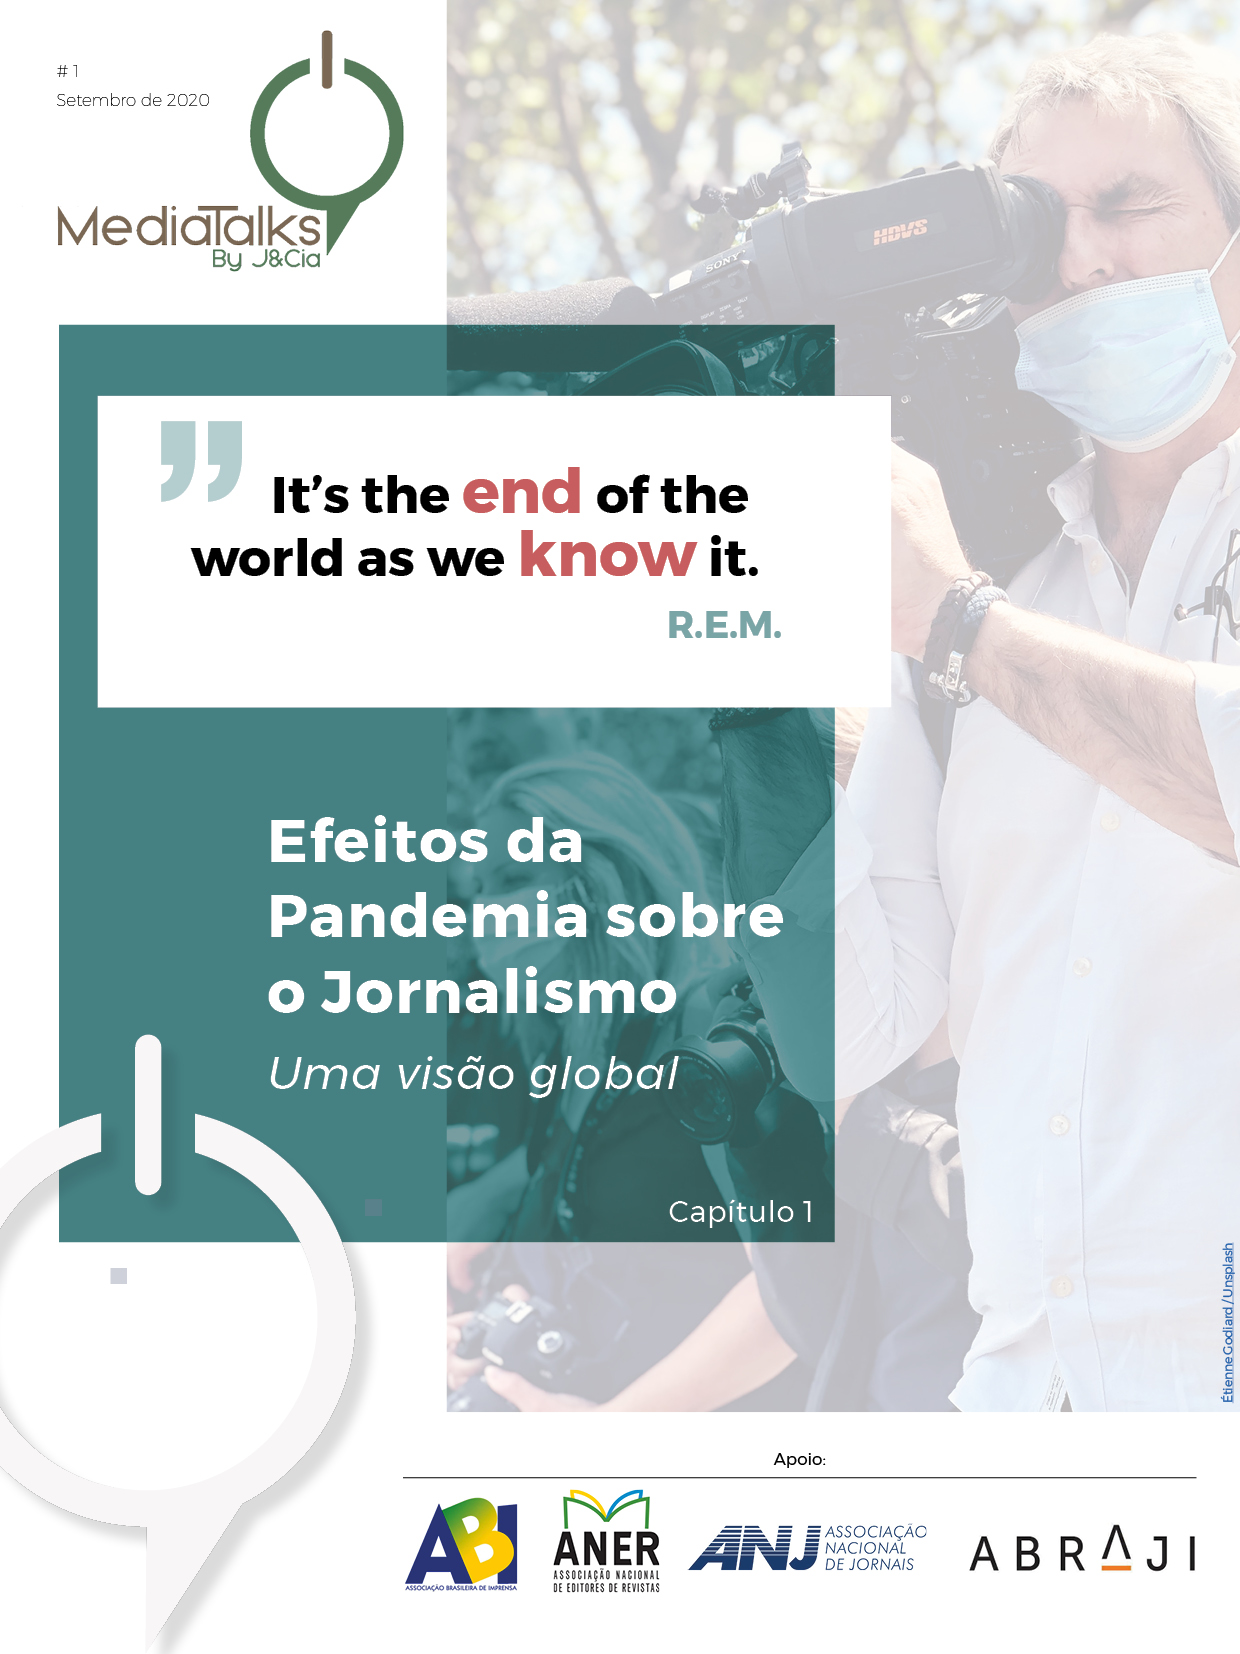 mediatalks2020d